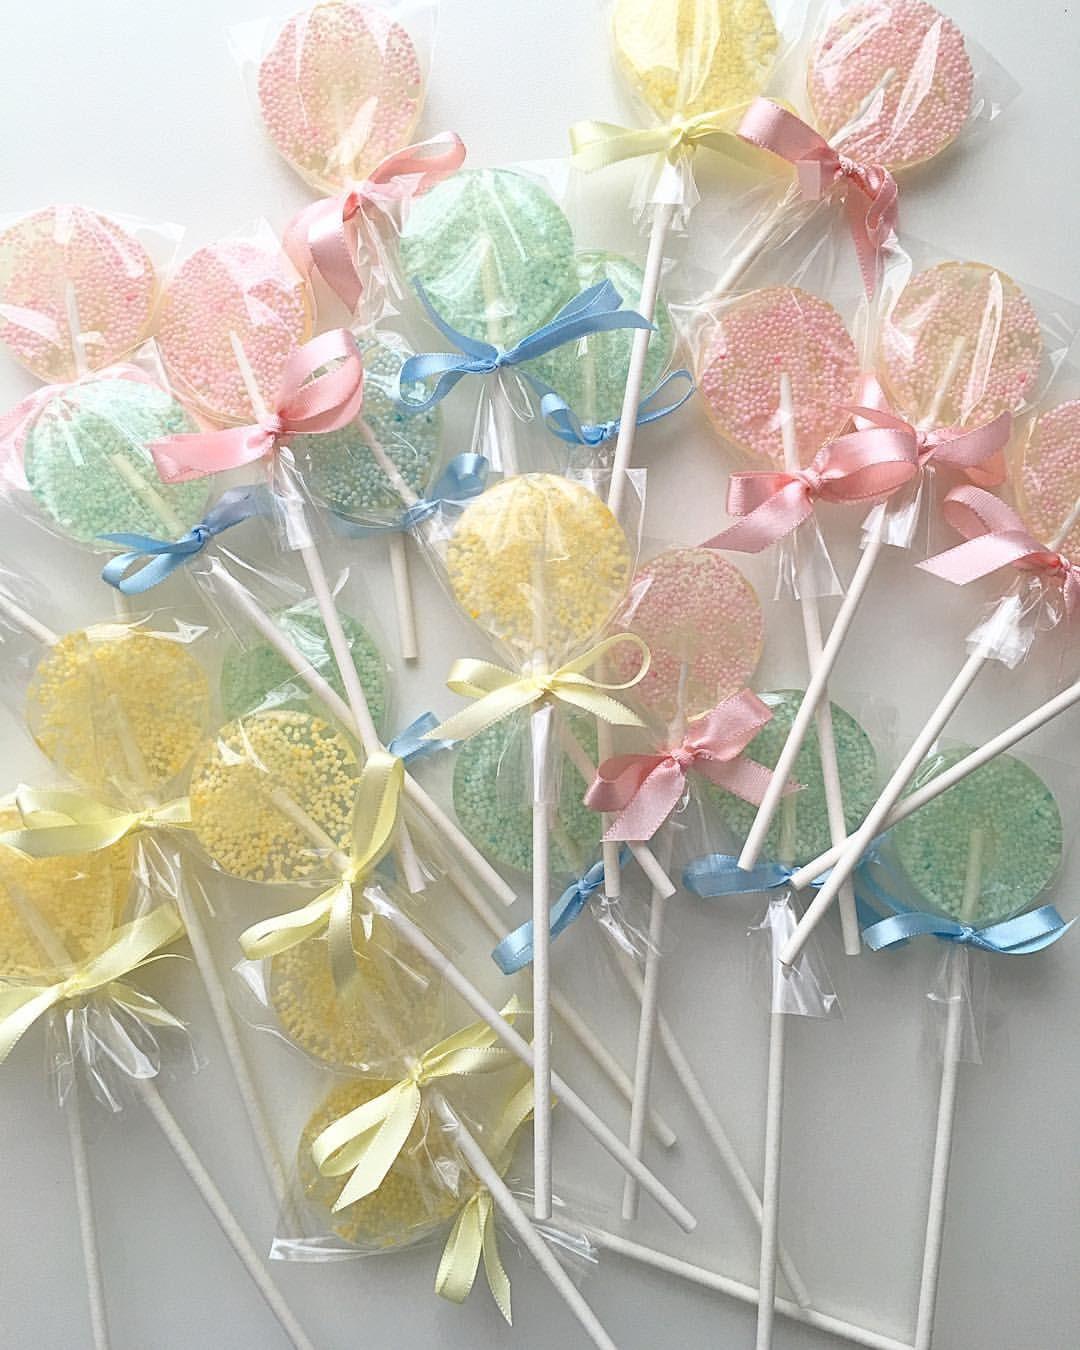 Agora com laços! Mereceram outra foto! #pirulitos #pirulitos #pirulitosconfeitados #sparklelollipops #maecomacucar